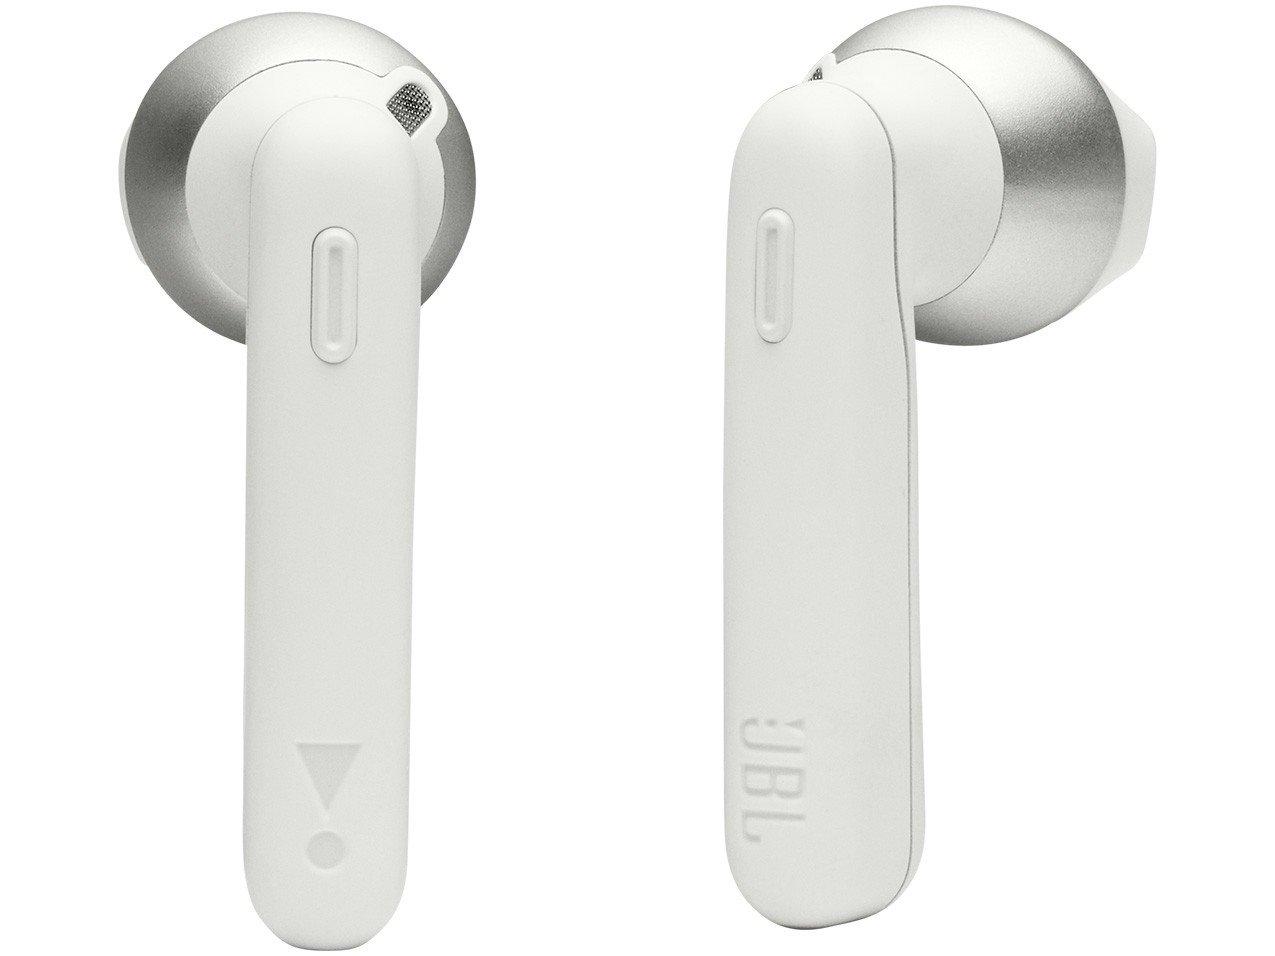 Fone de Ouvido Bluetooth JBL Tune 220TWS - True Wireless com Microfone Branco - Bivolt